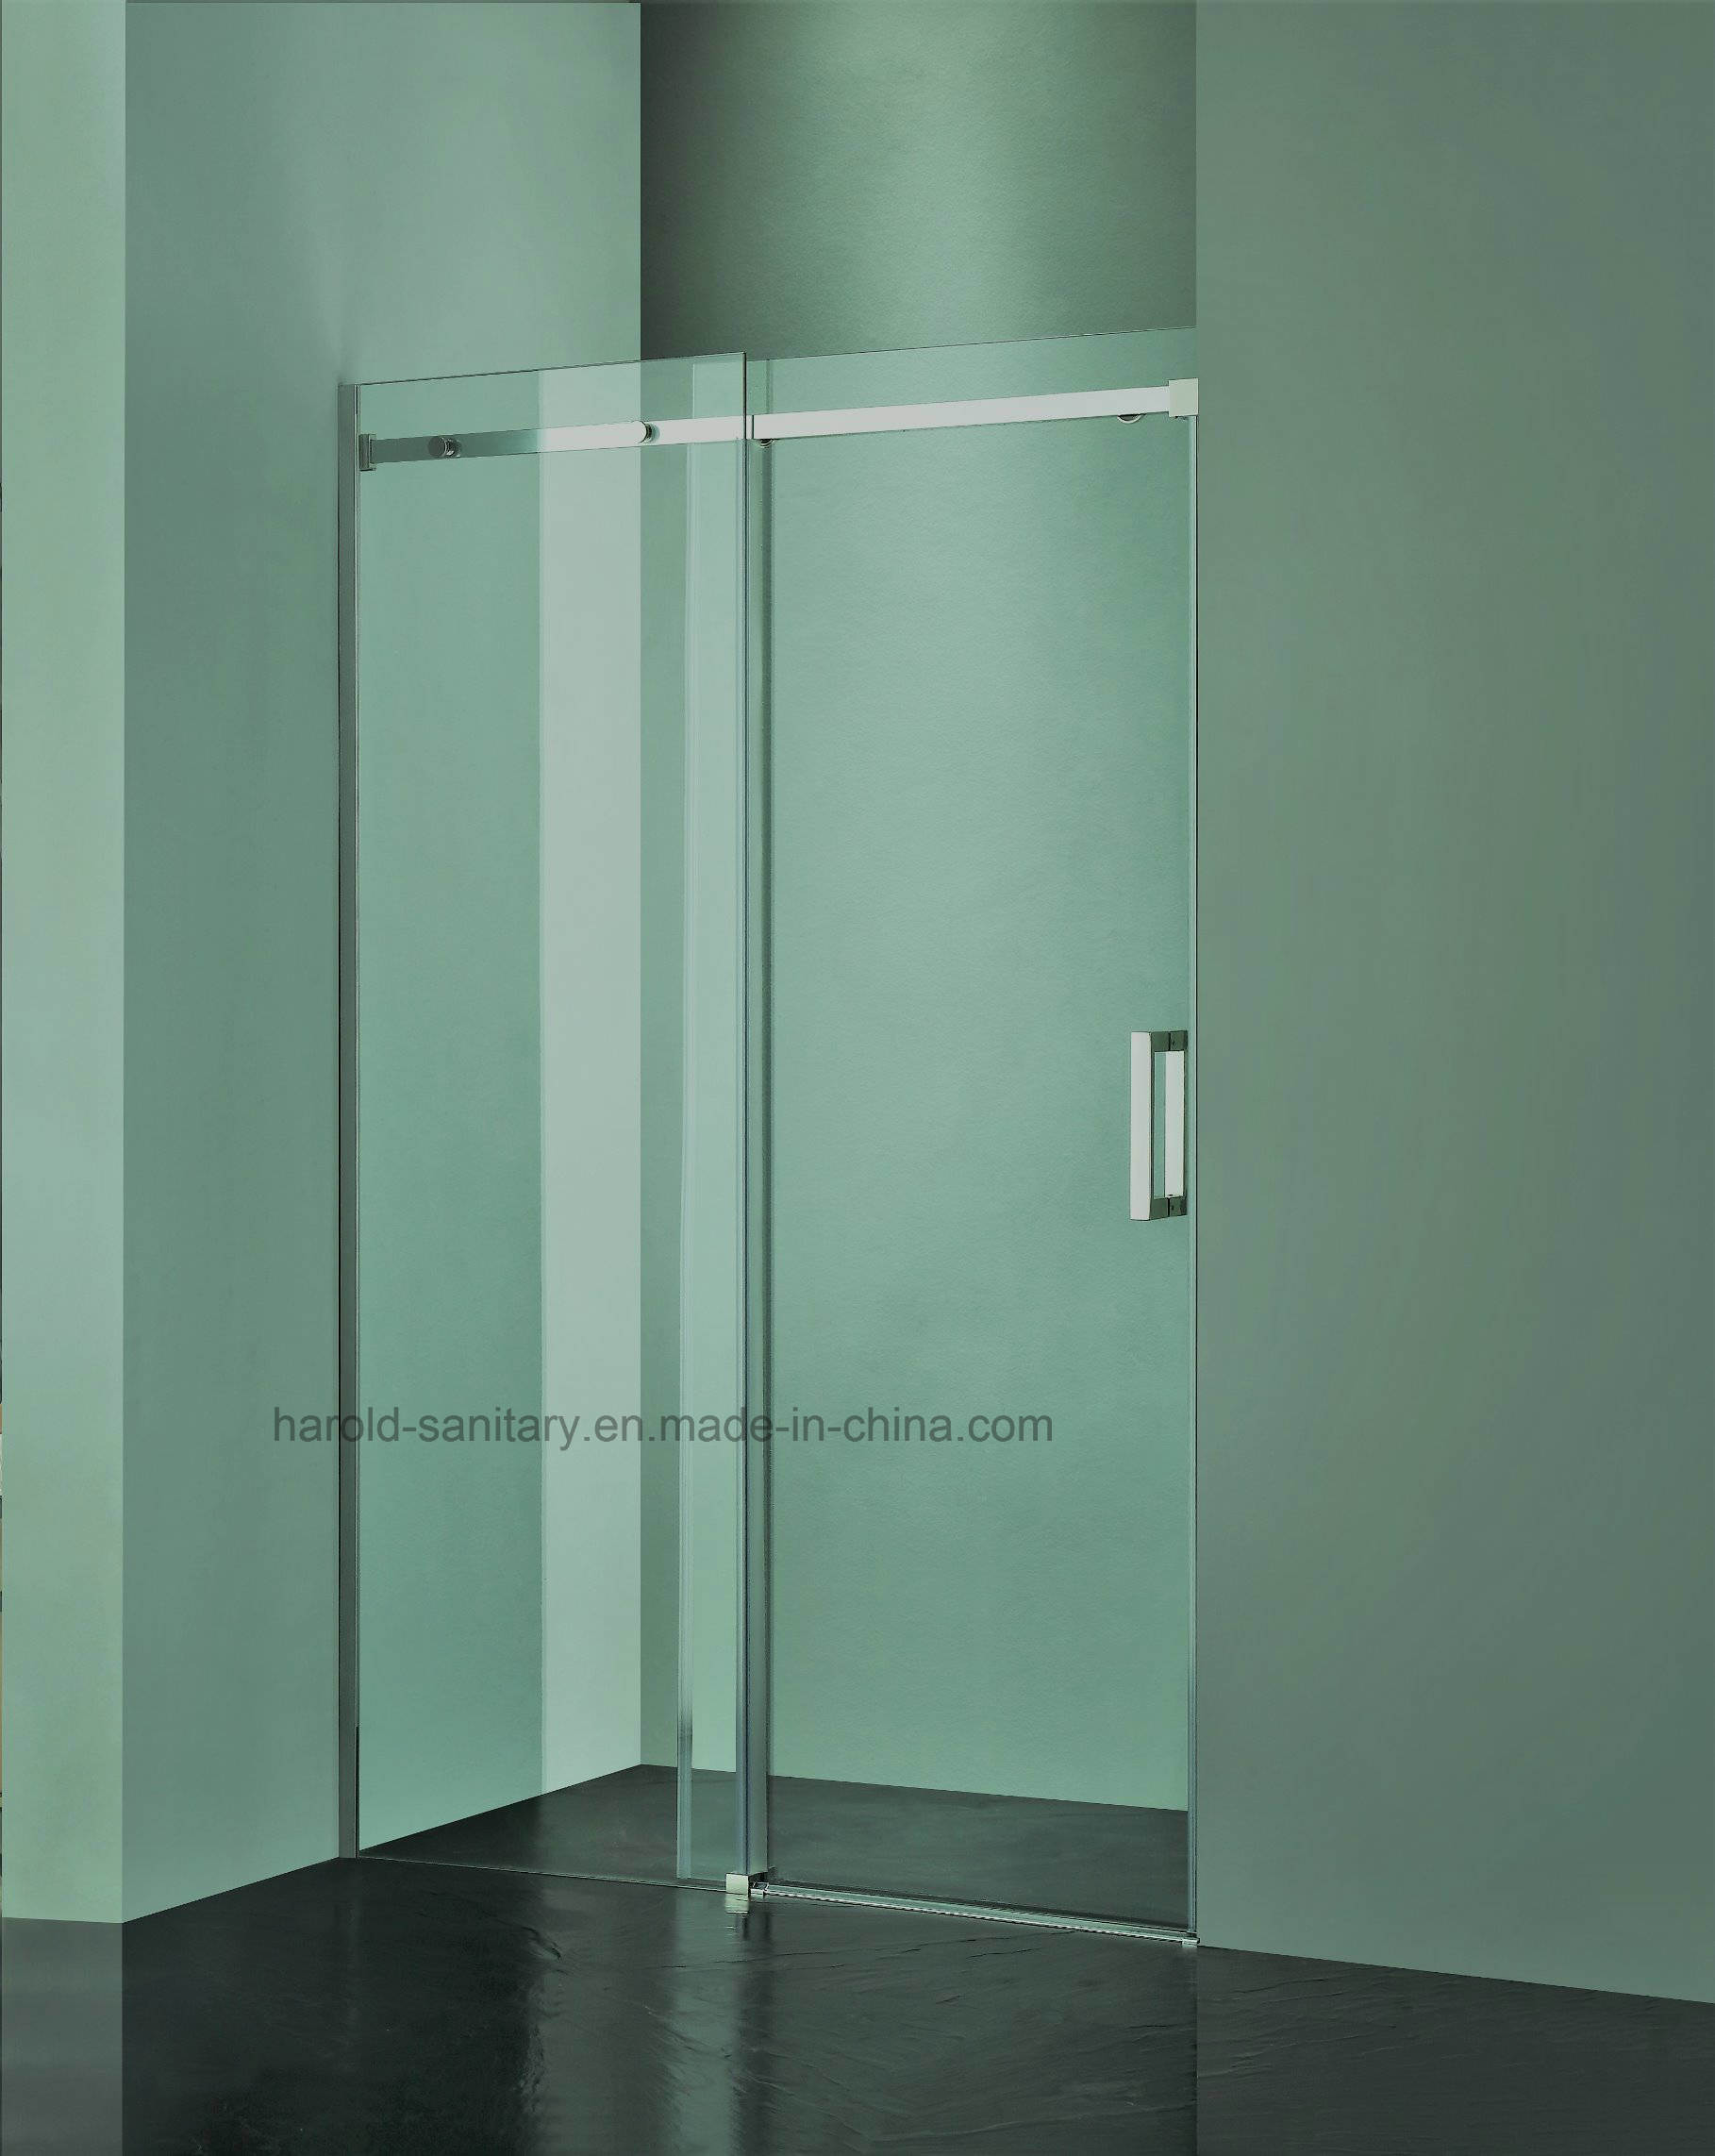 Hr-04 Frameless Single Sliding Shower Enclosure